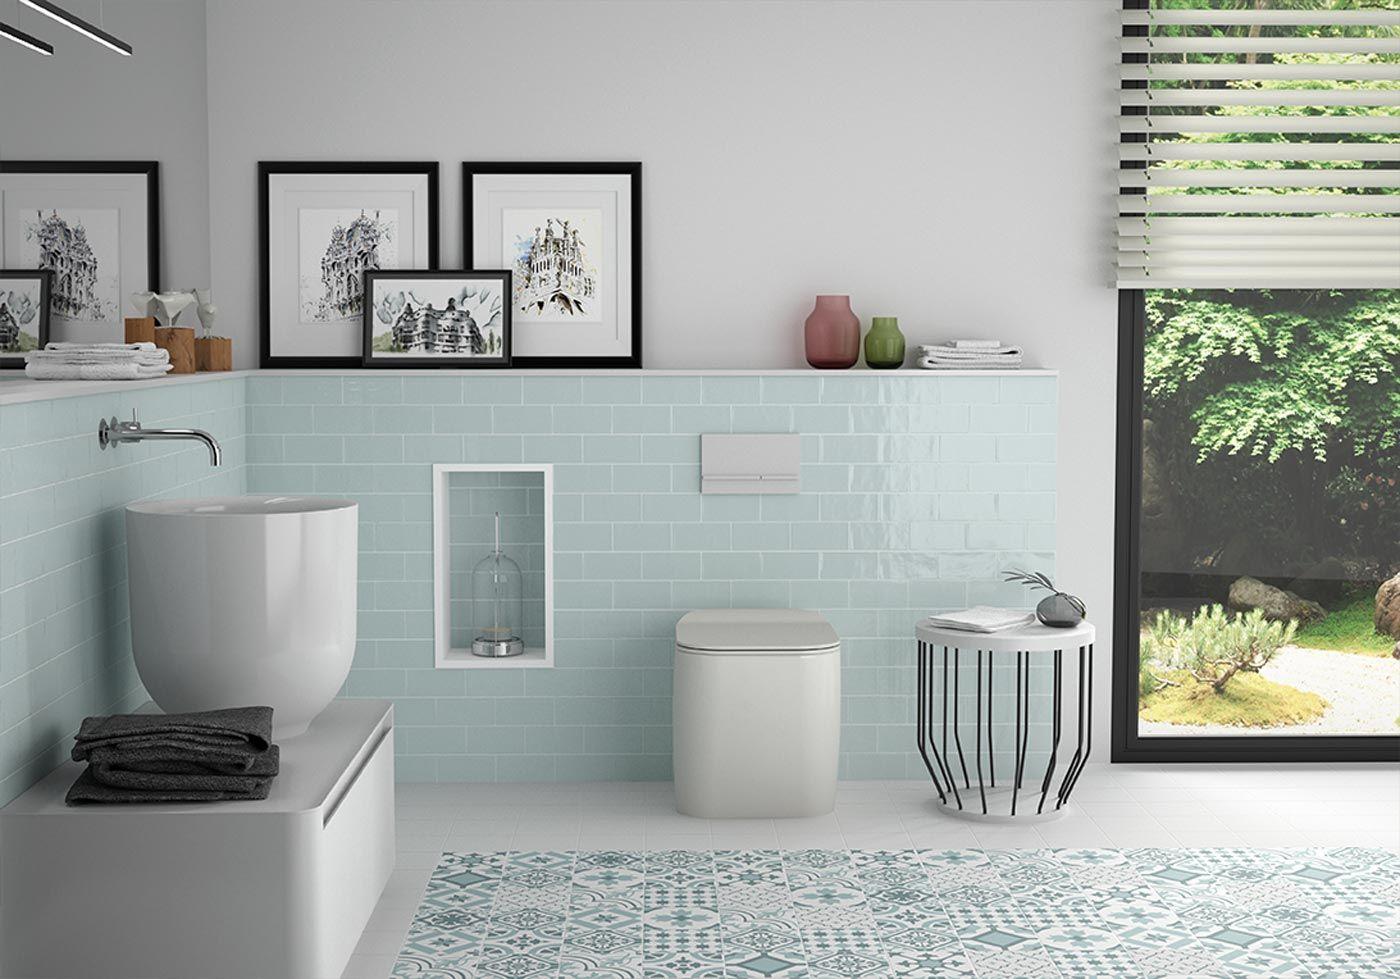 Pin Von Sbulic Auf Rovinj In 2020 Fliesen Kaufen Blaue Fliesen Kleine Badezimmer